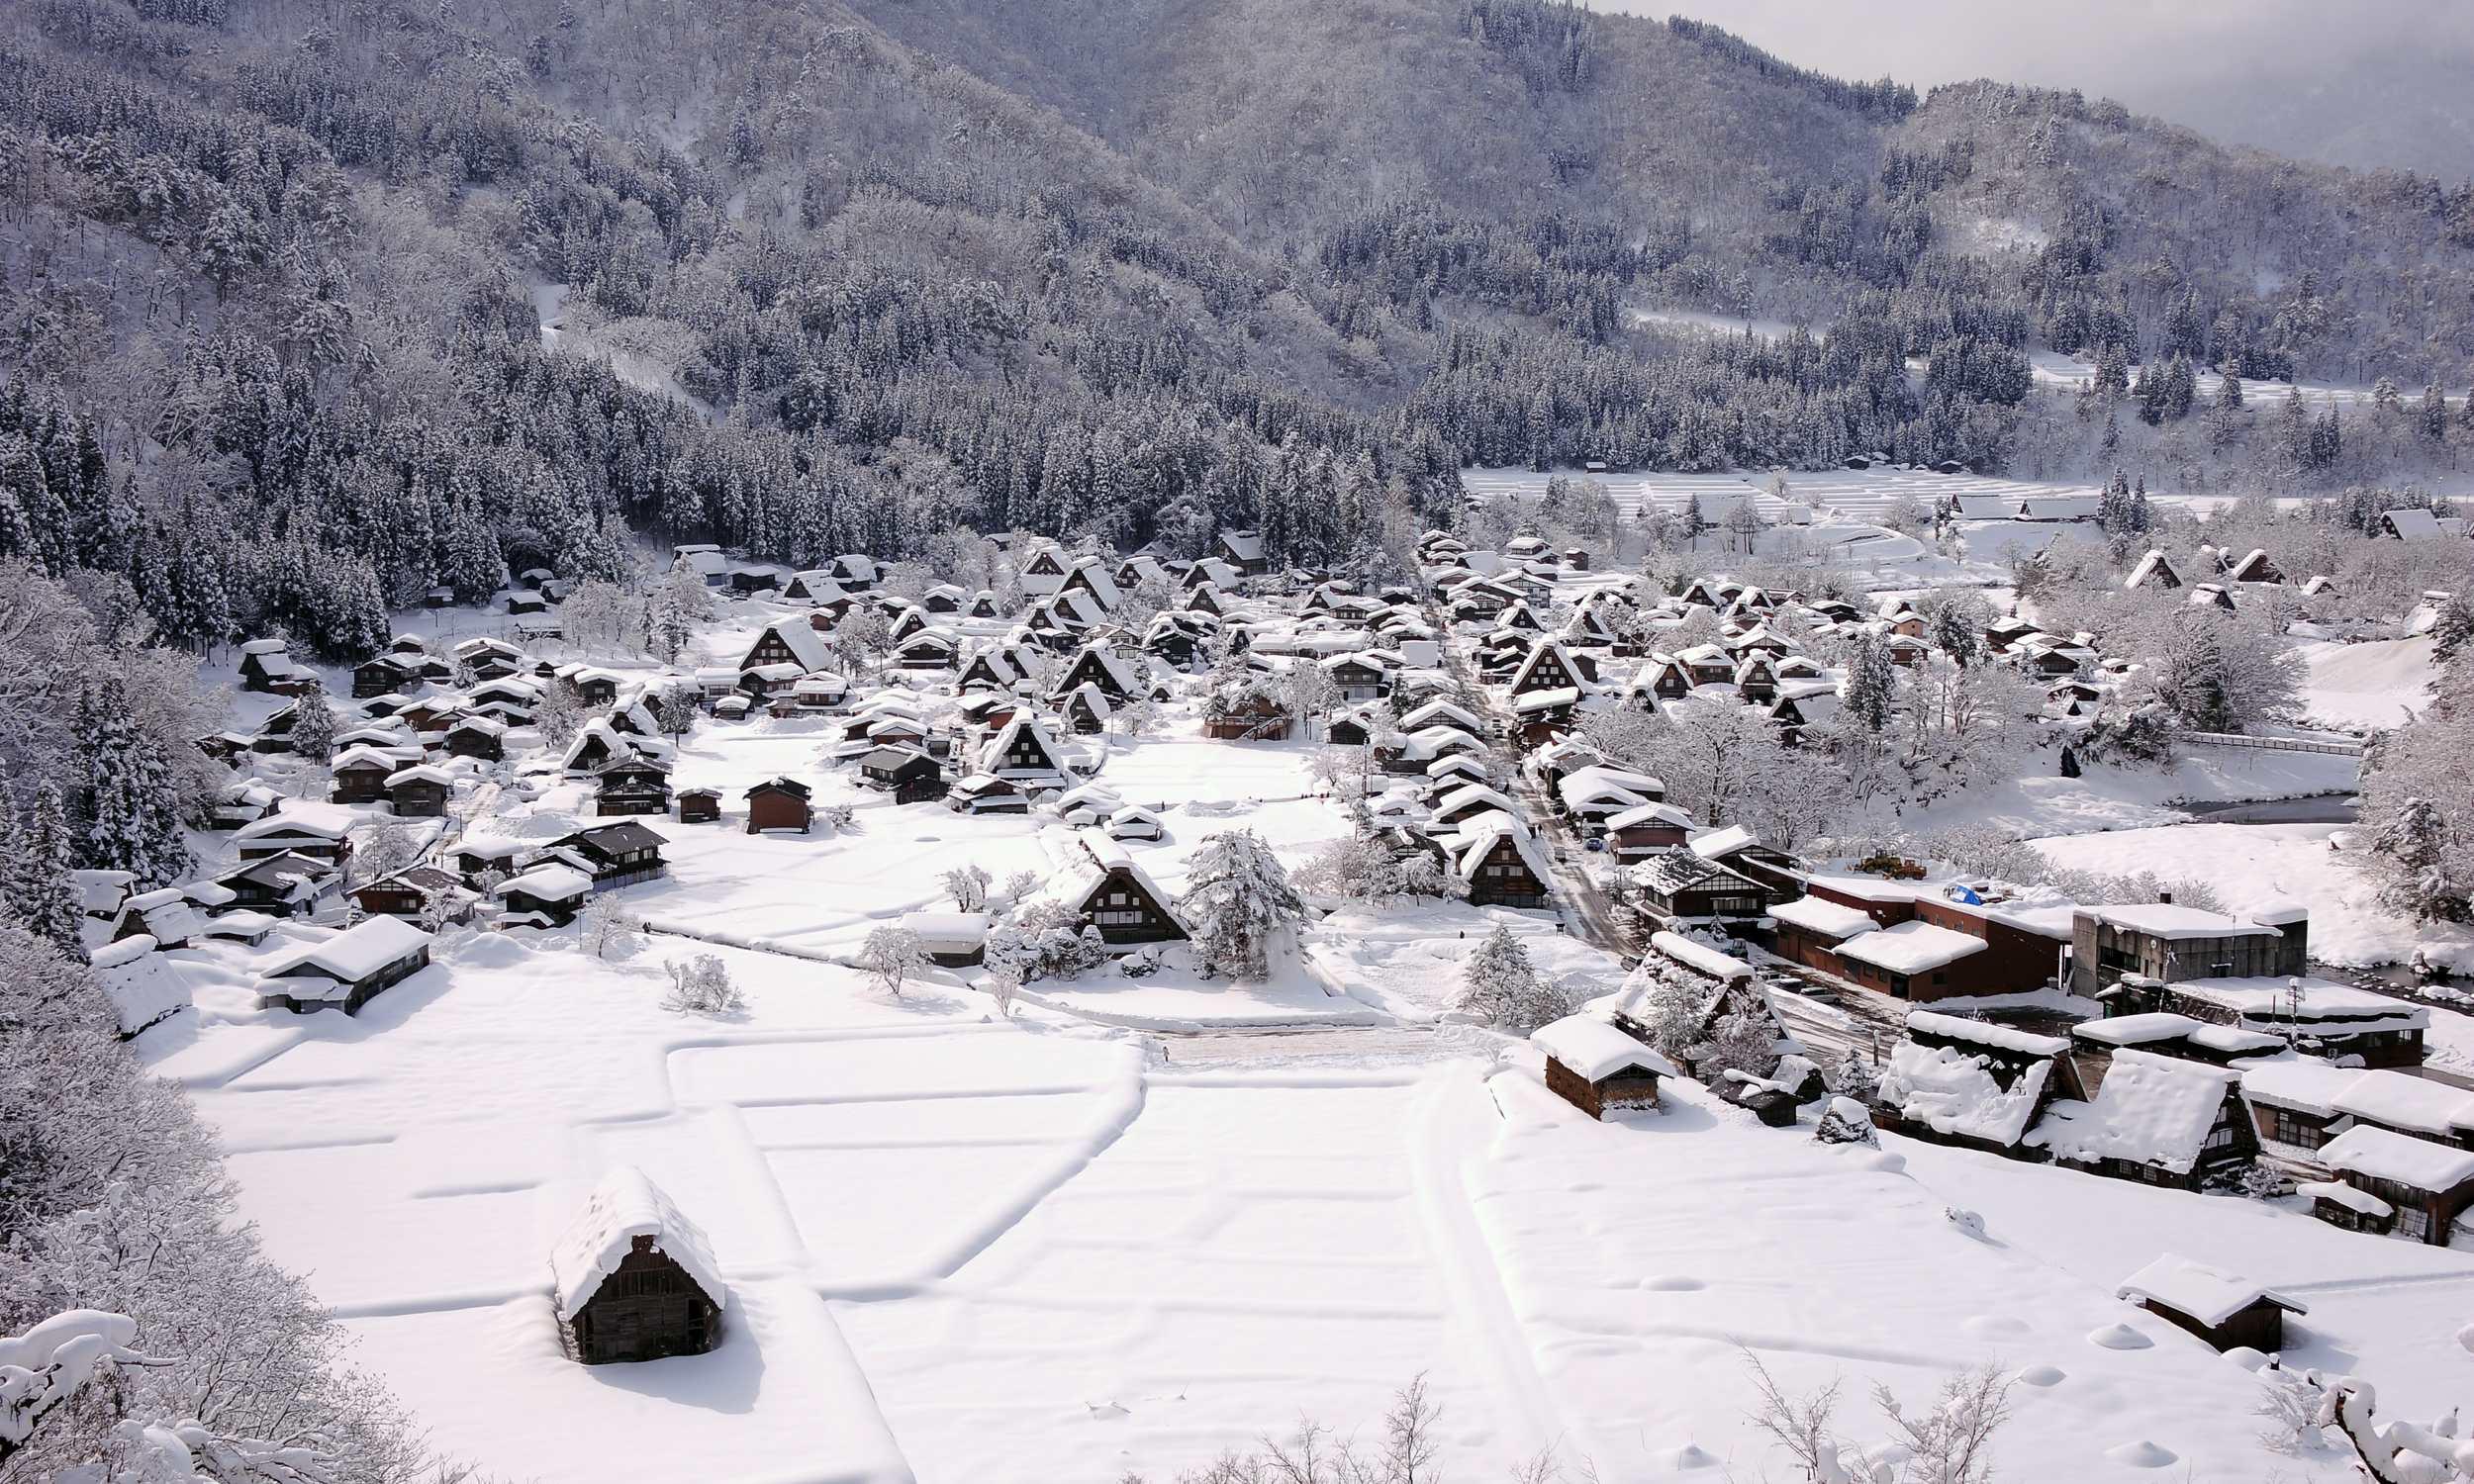 Das schneebedeckte Dorf Shirakawa-go.